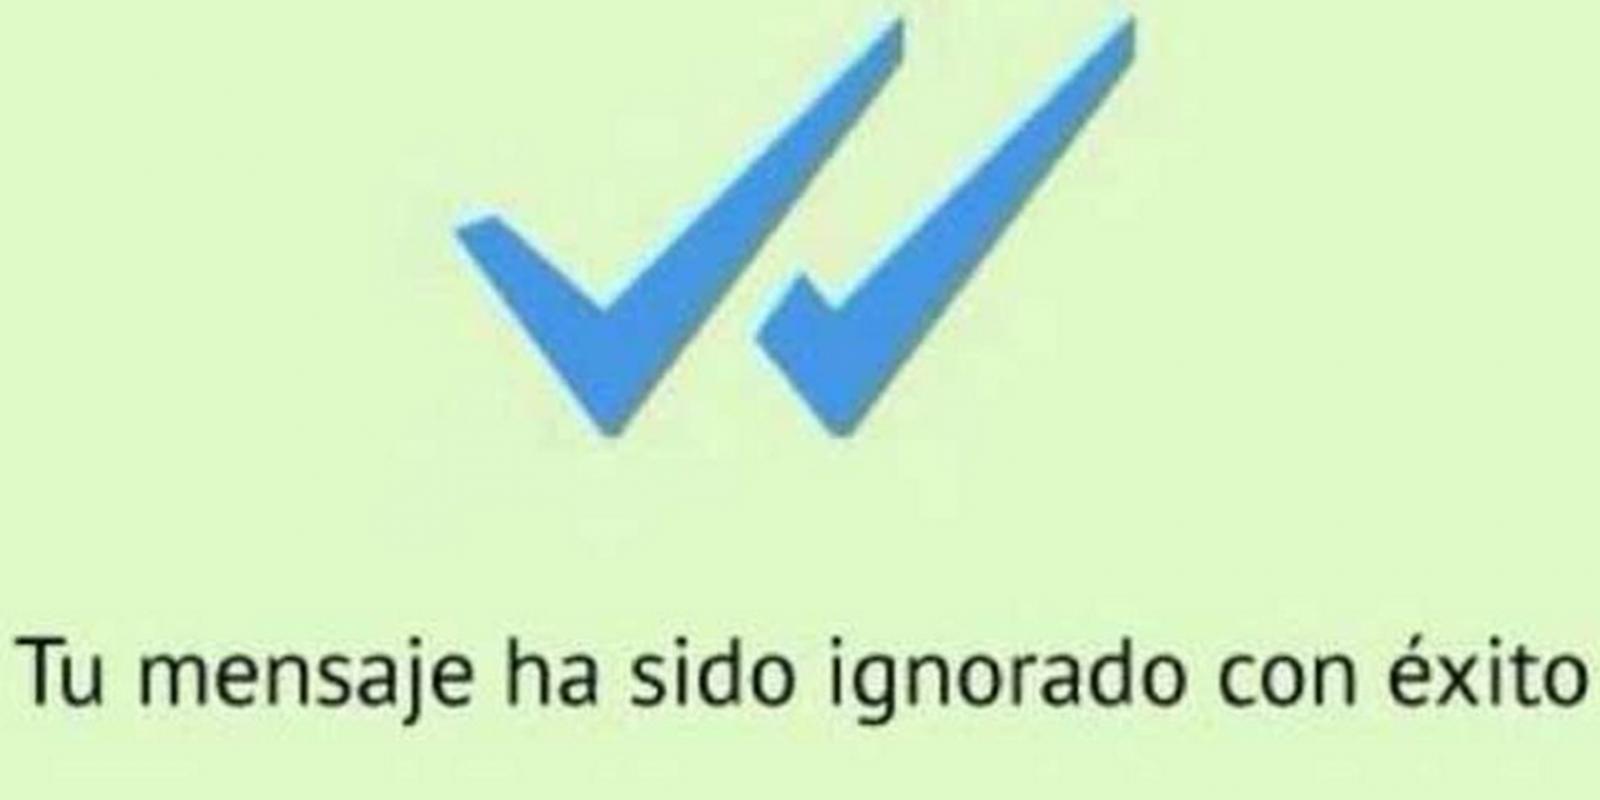 Whatsapp Estos Memes Nos Recuerdan El Dolor De Que Nos